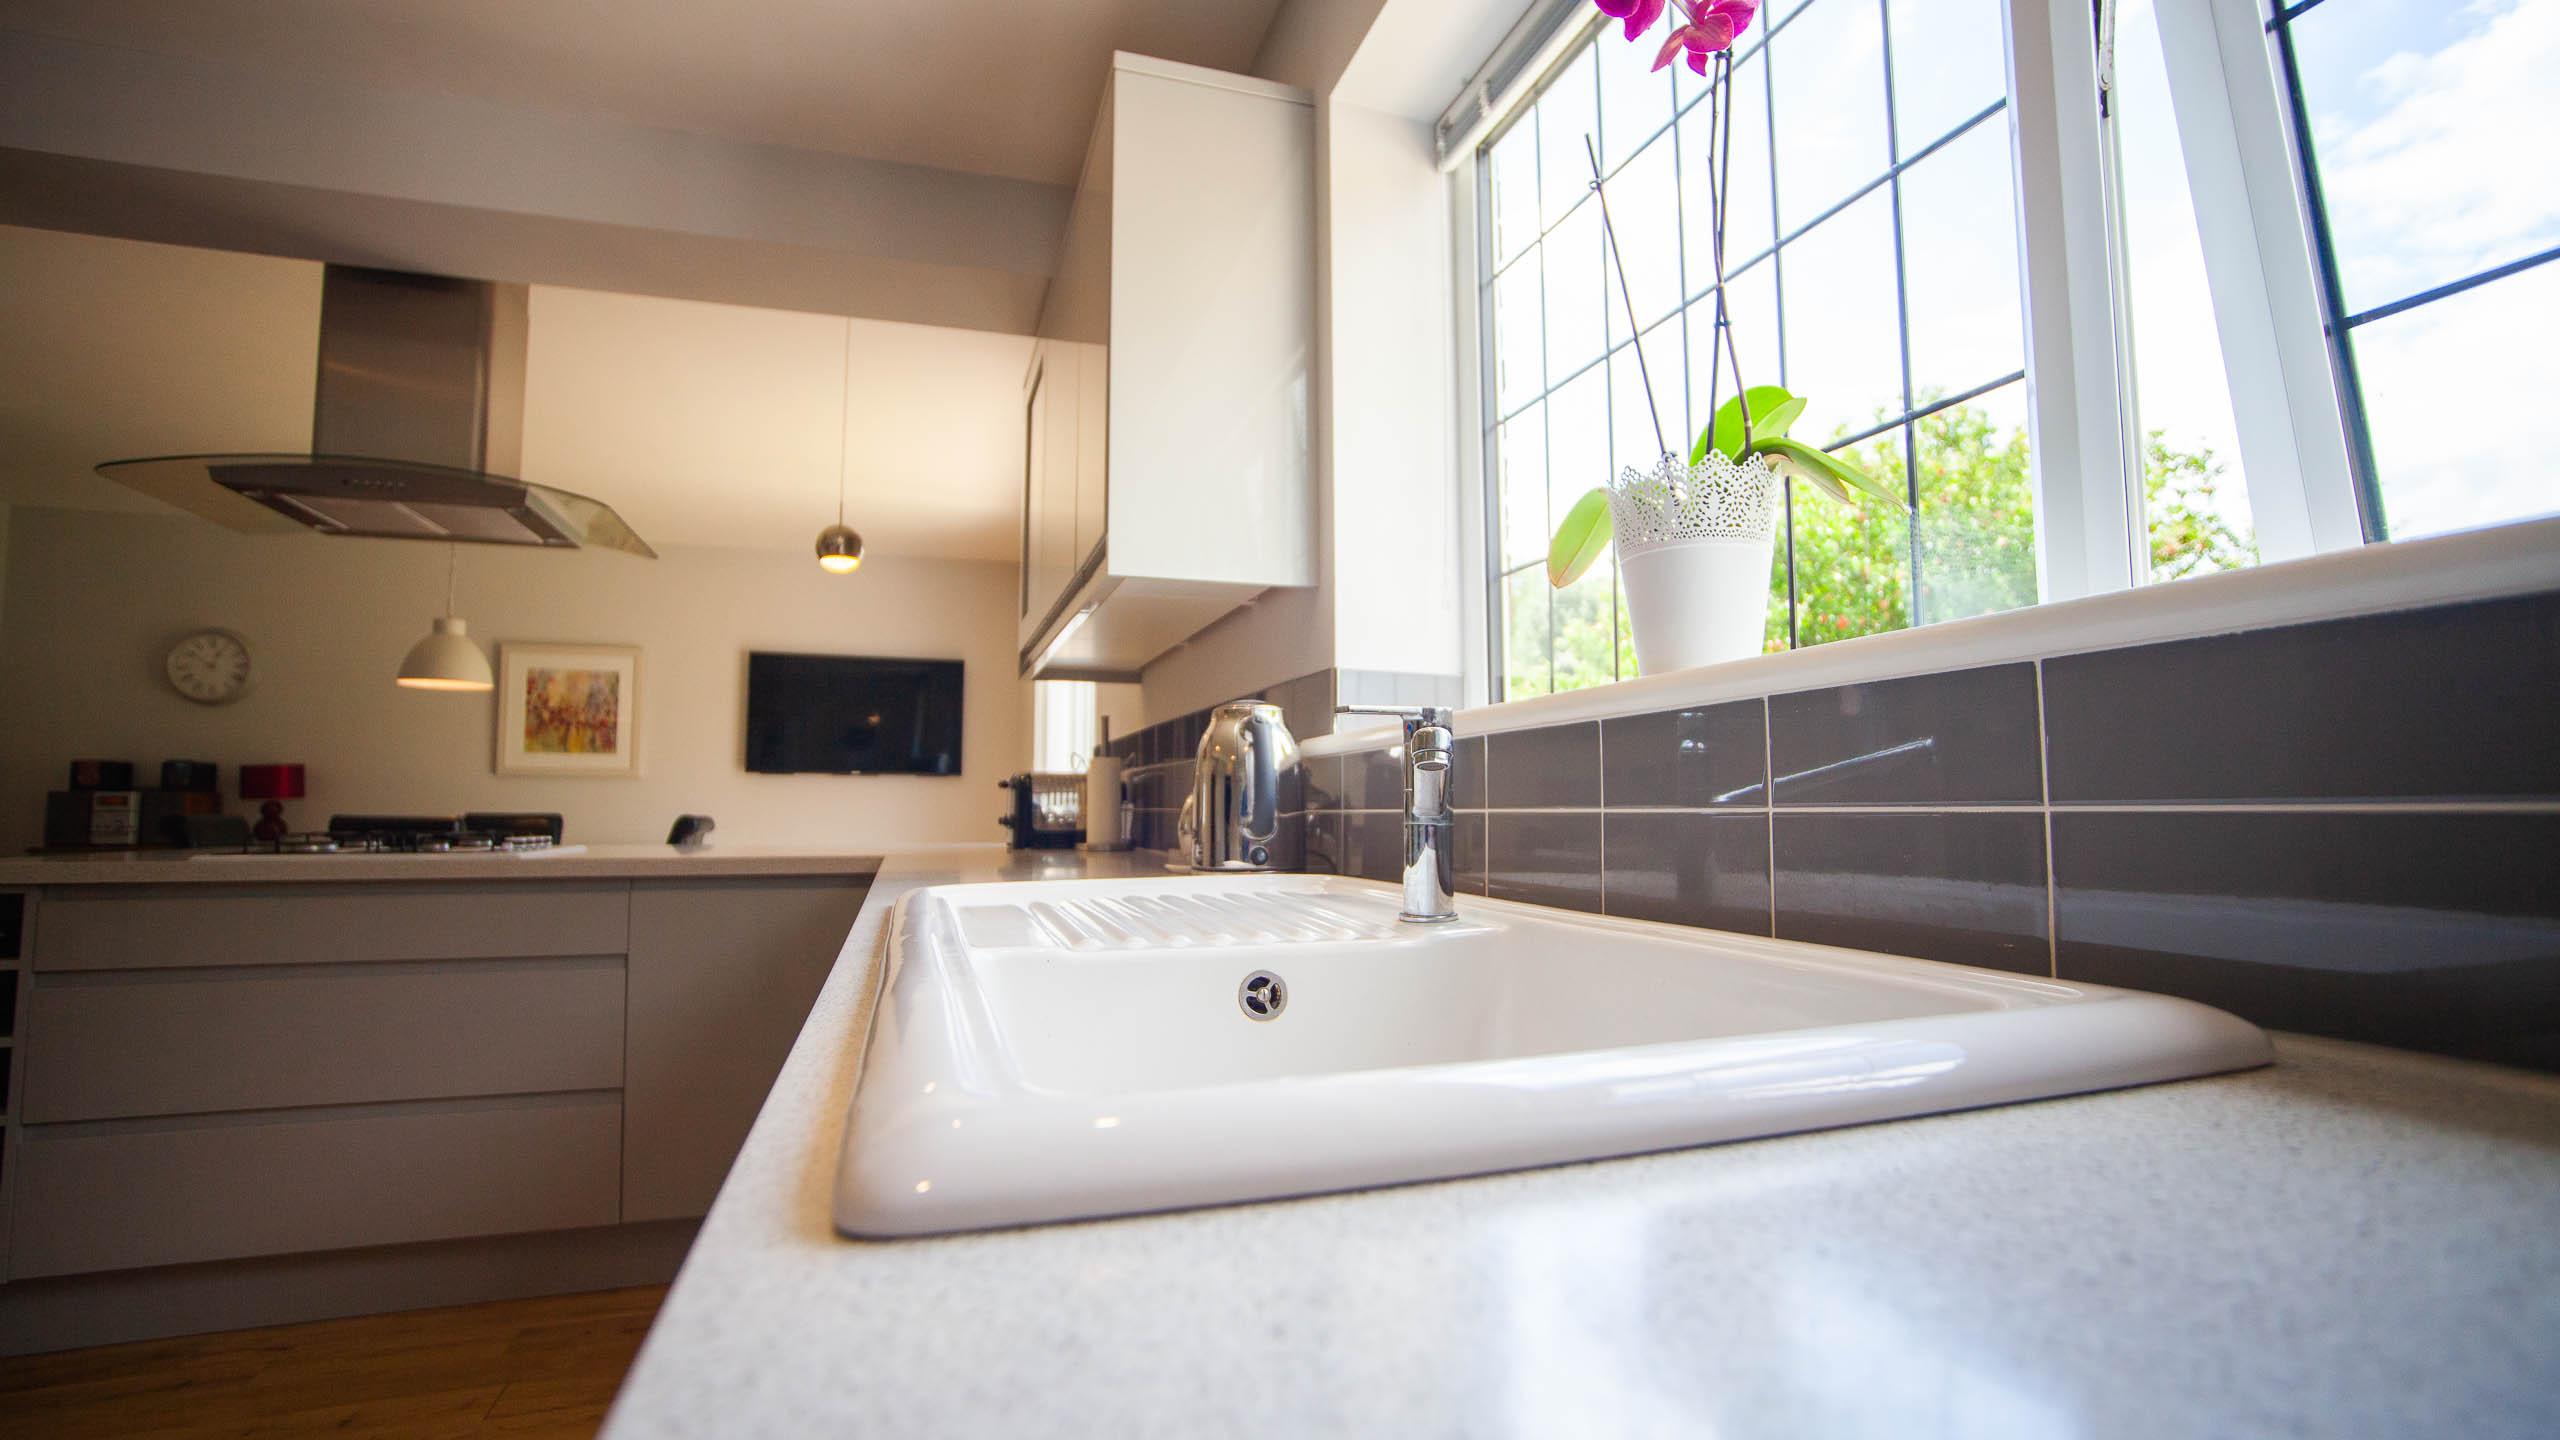 white kitchen sink - kitchen installation by RJ Steele builders in Sussex